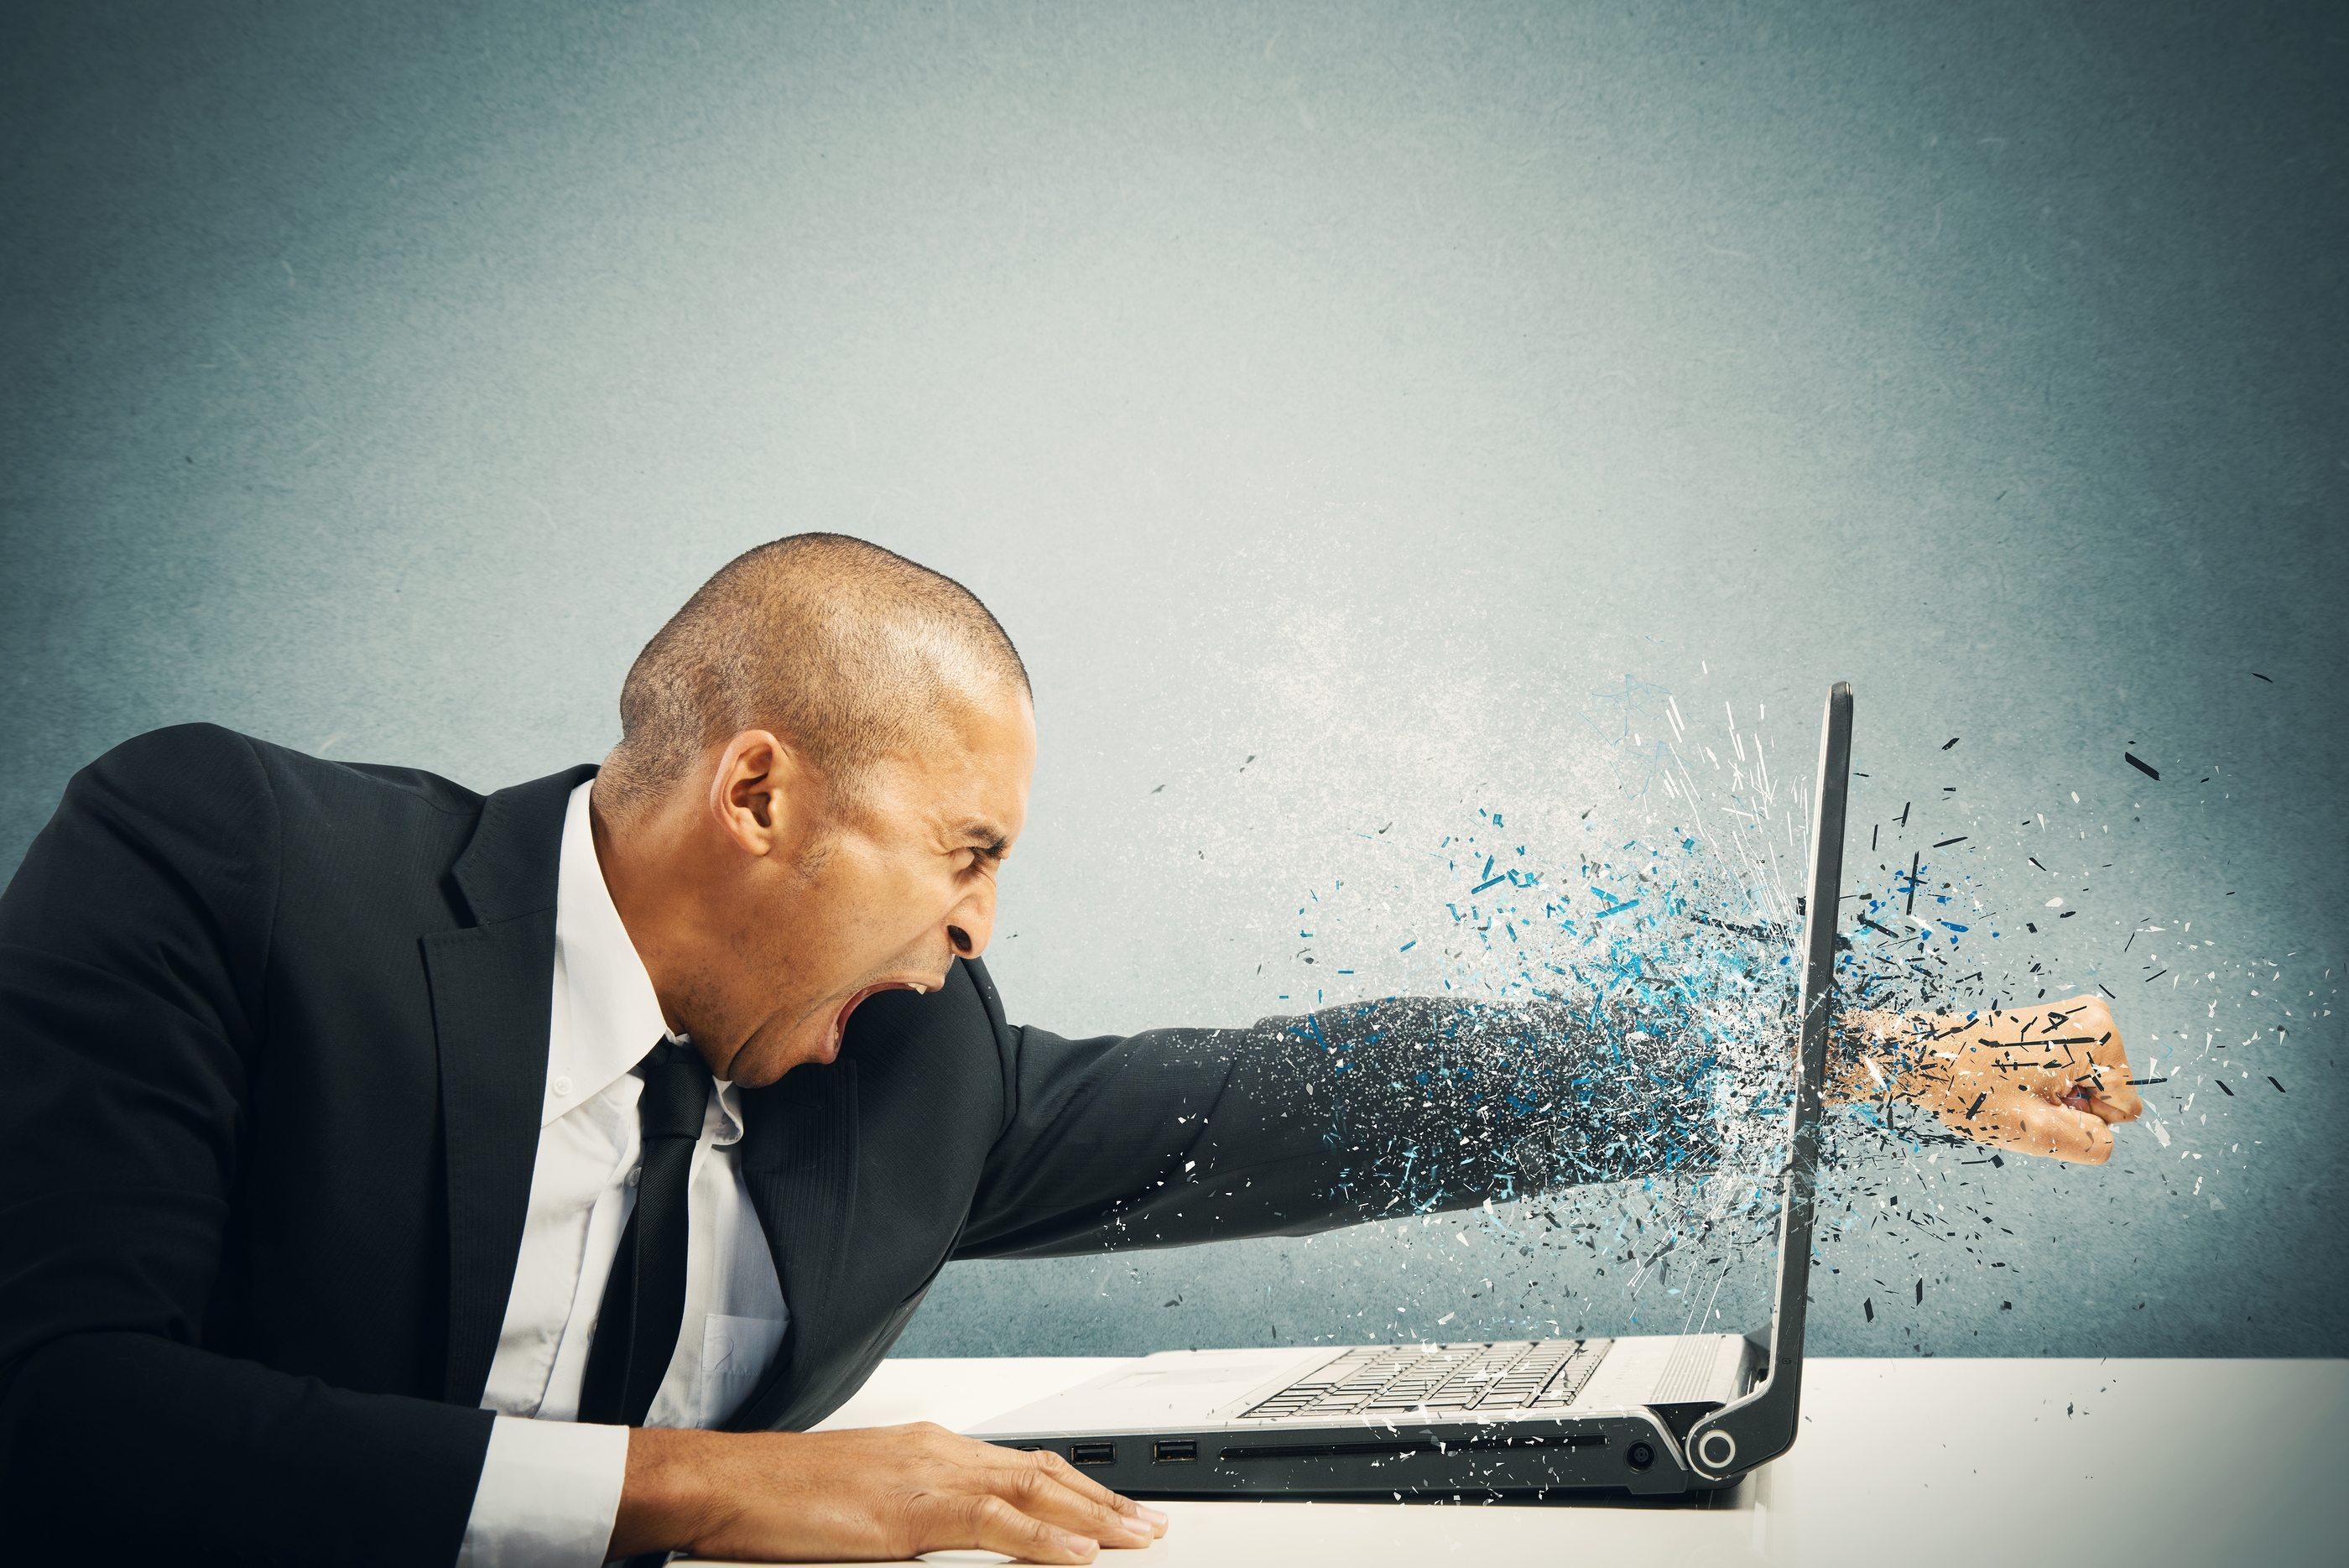 Virtuell Kündigen – wie man es seinem virtuellen Assistenten sagt